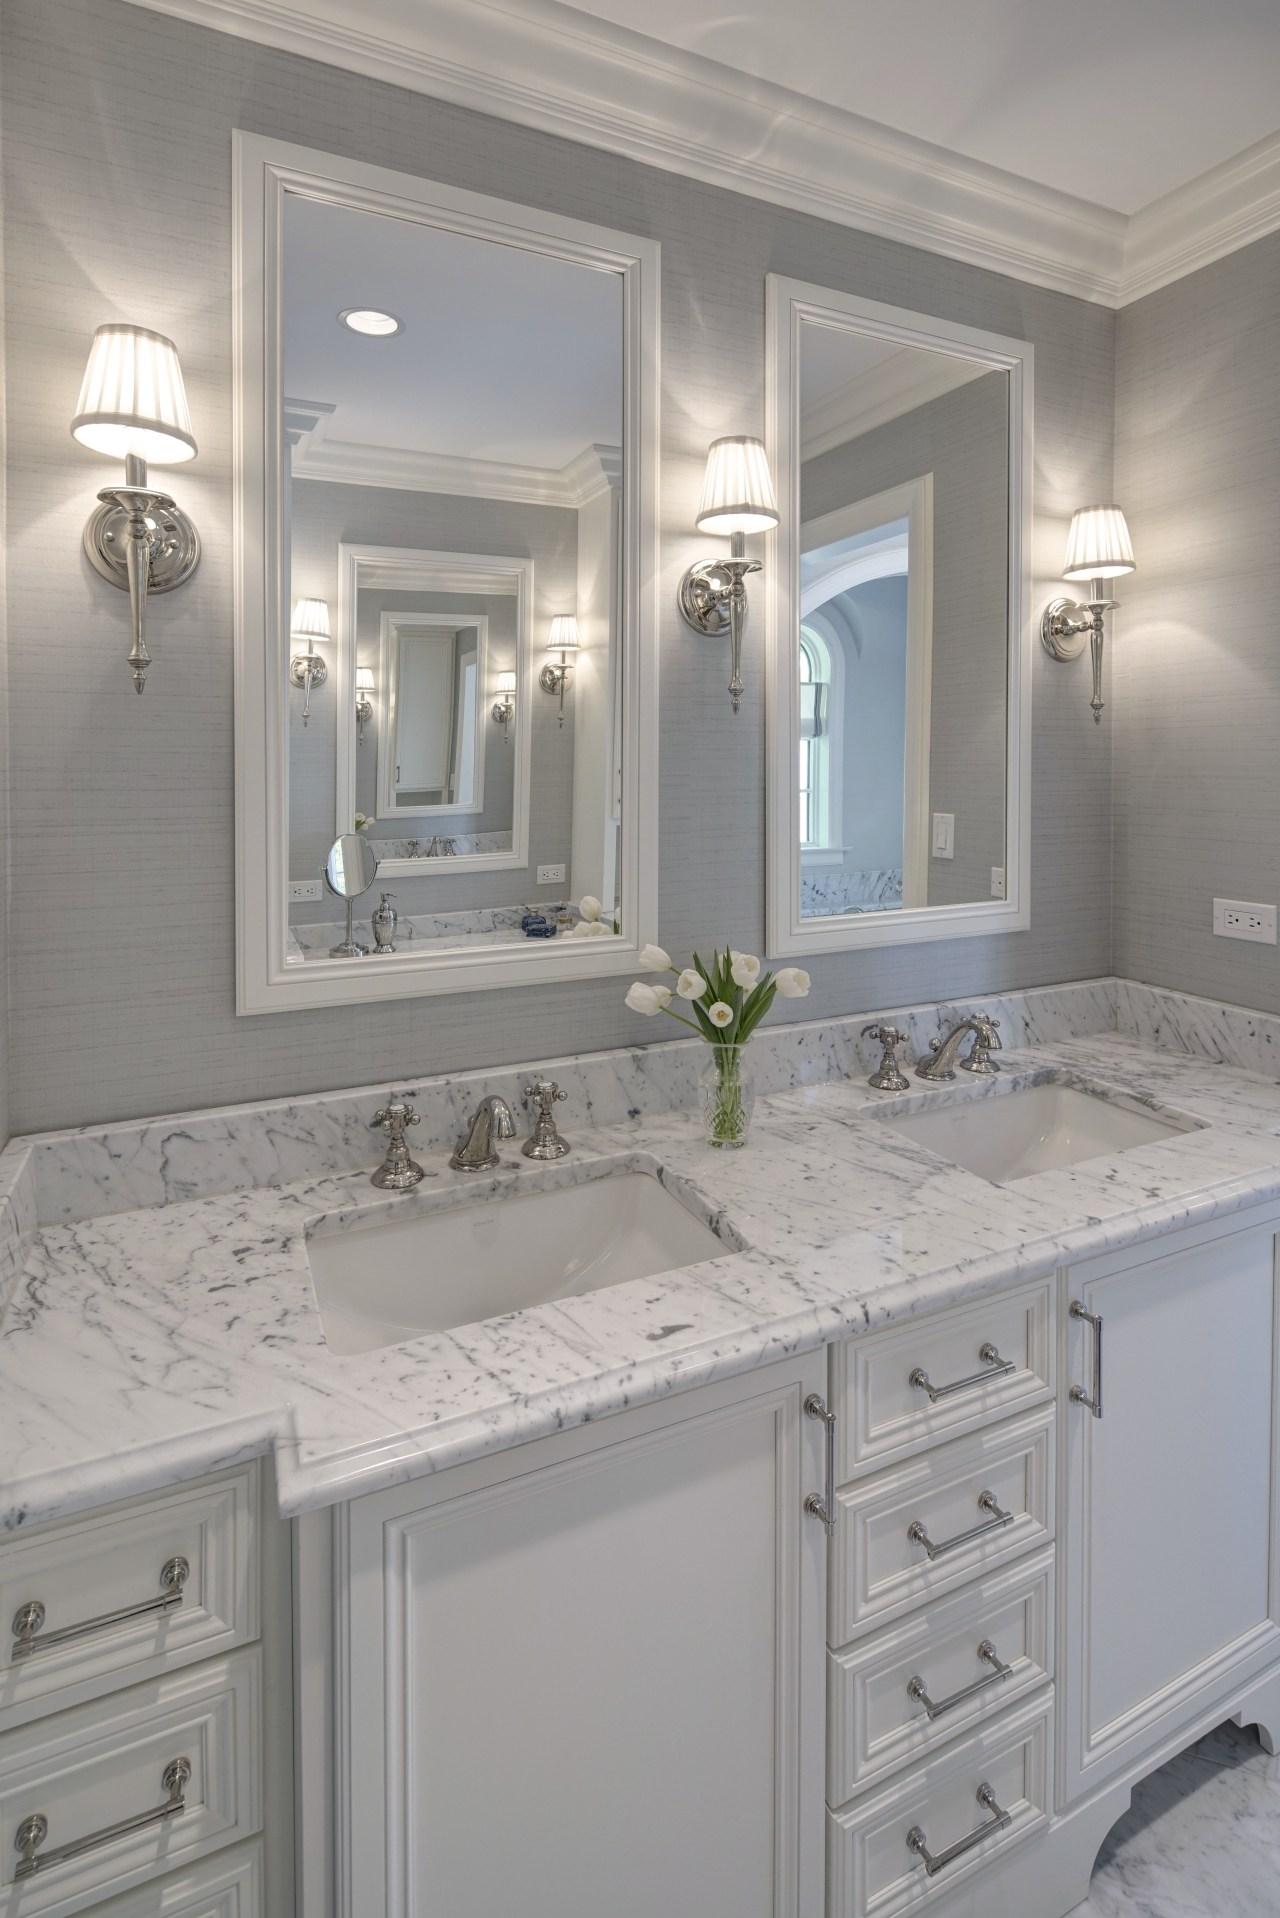 Vanity in traditional bathroom suite bathroom, bathroom accessory, bathroom cabinet, cabinetry, countertop, cuisine classique, floor, home, interior design, kitchen, room, sink, tile, wall, gray